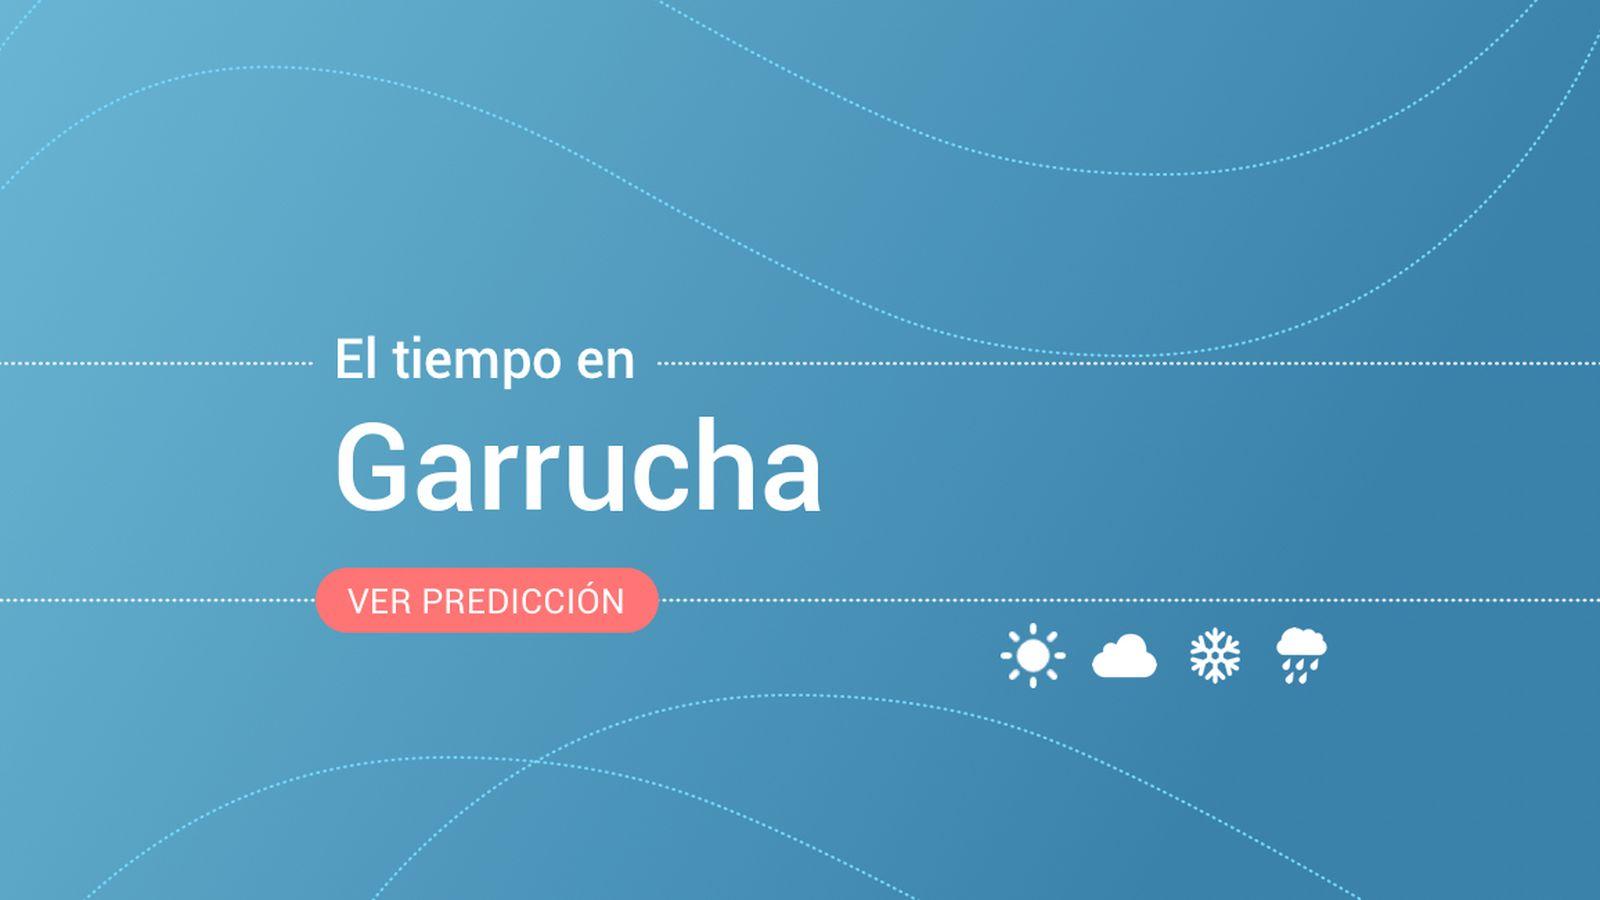 Foto: El tiempo en Garrucha. (EC)